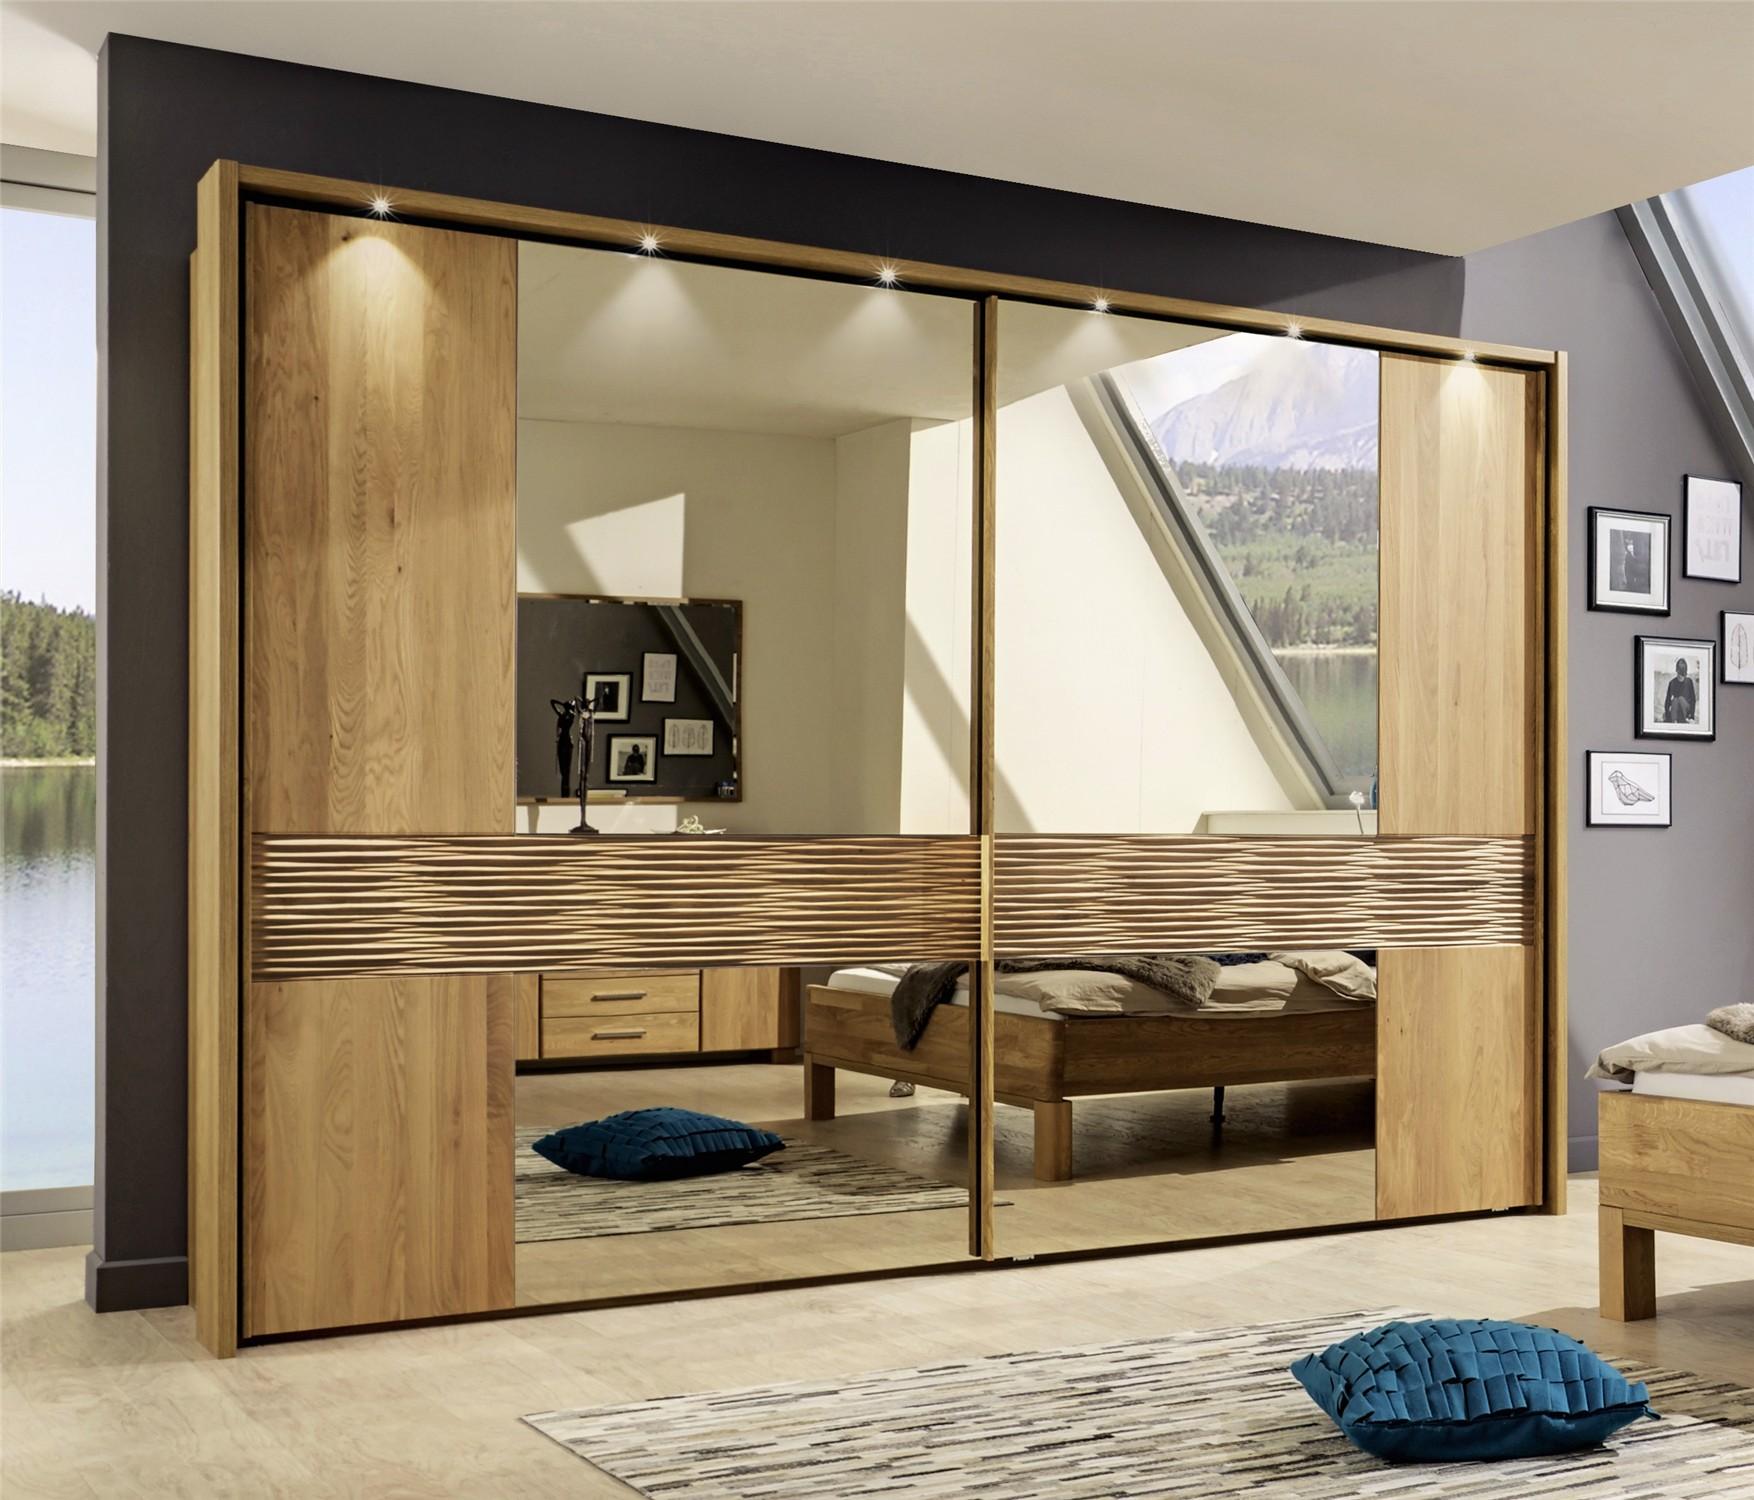 3 Door Wardrobe Design Bedroom